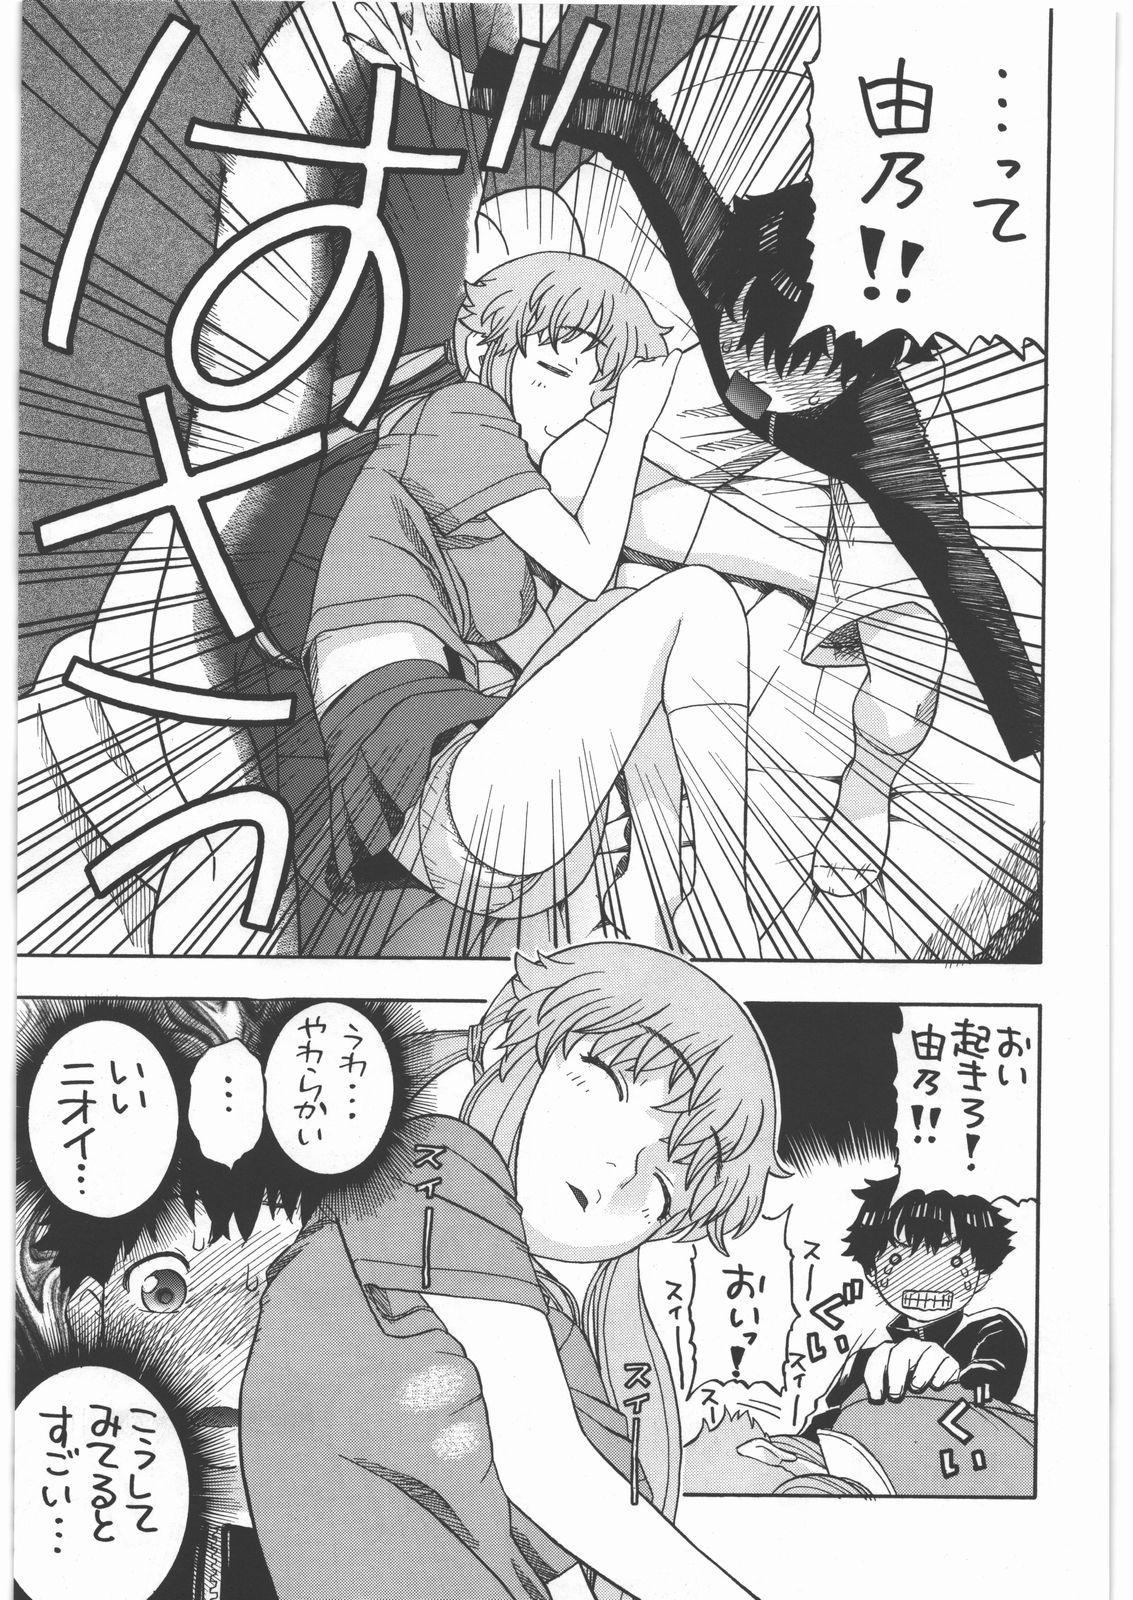 Yuno no Happy End Flag 7